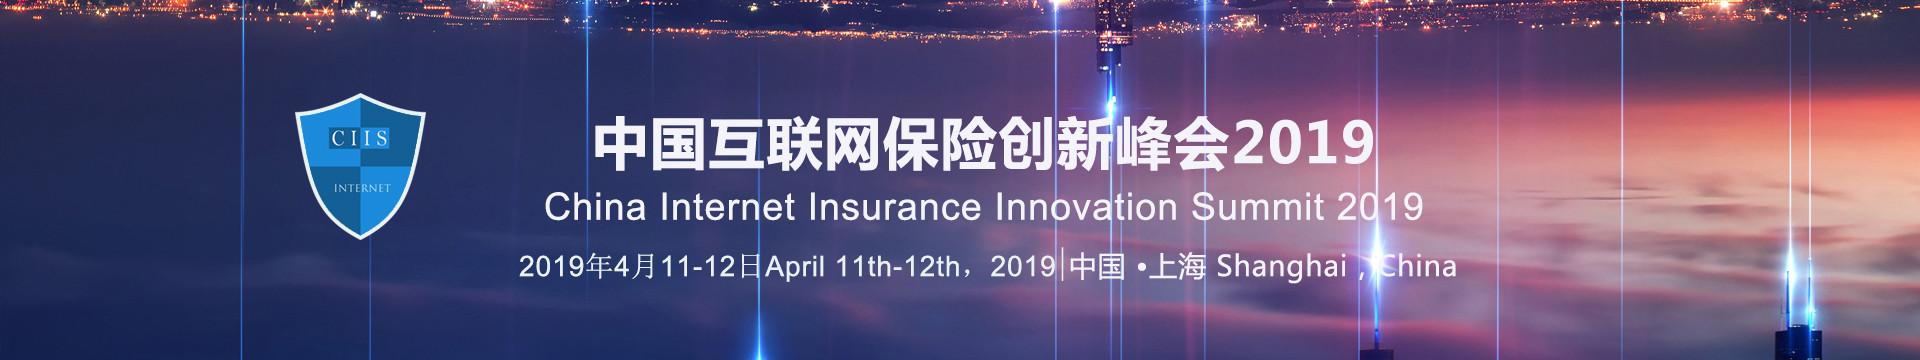 中國互聯網保險創新峰會2019(上海)